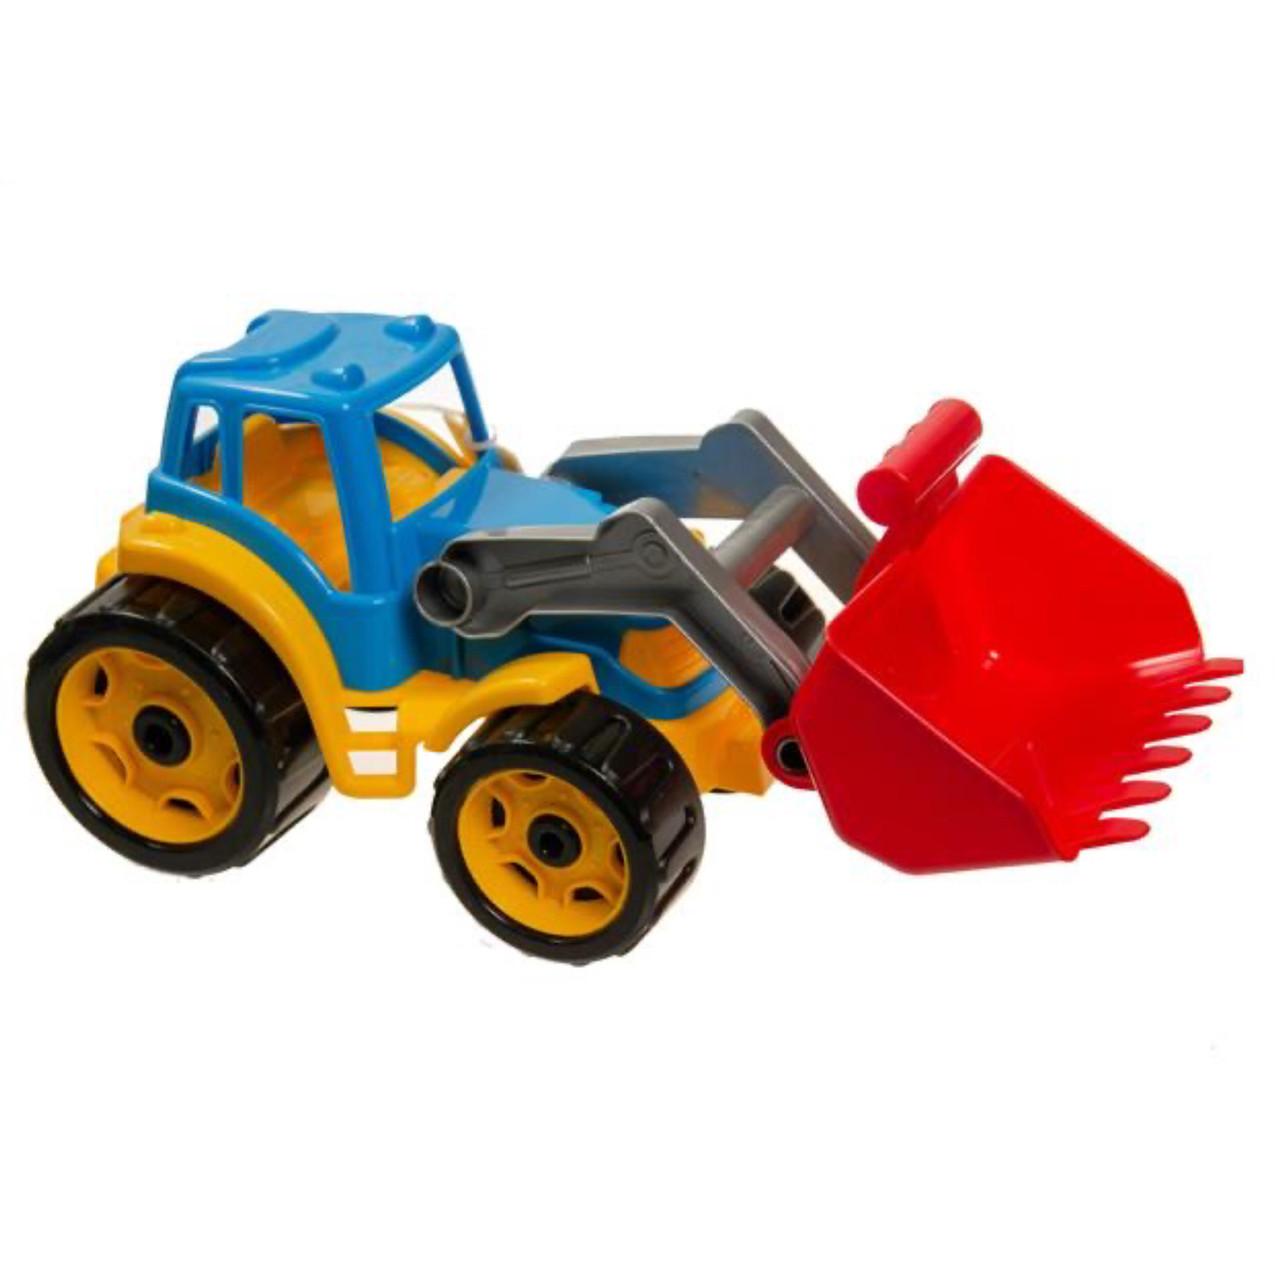 Игрушка трактор Максик с ковшом, ТехноК - фото 2